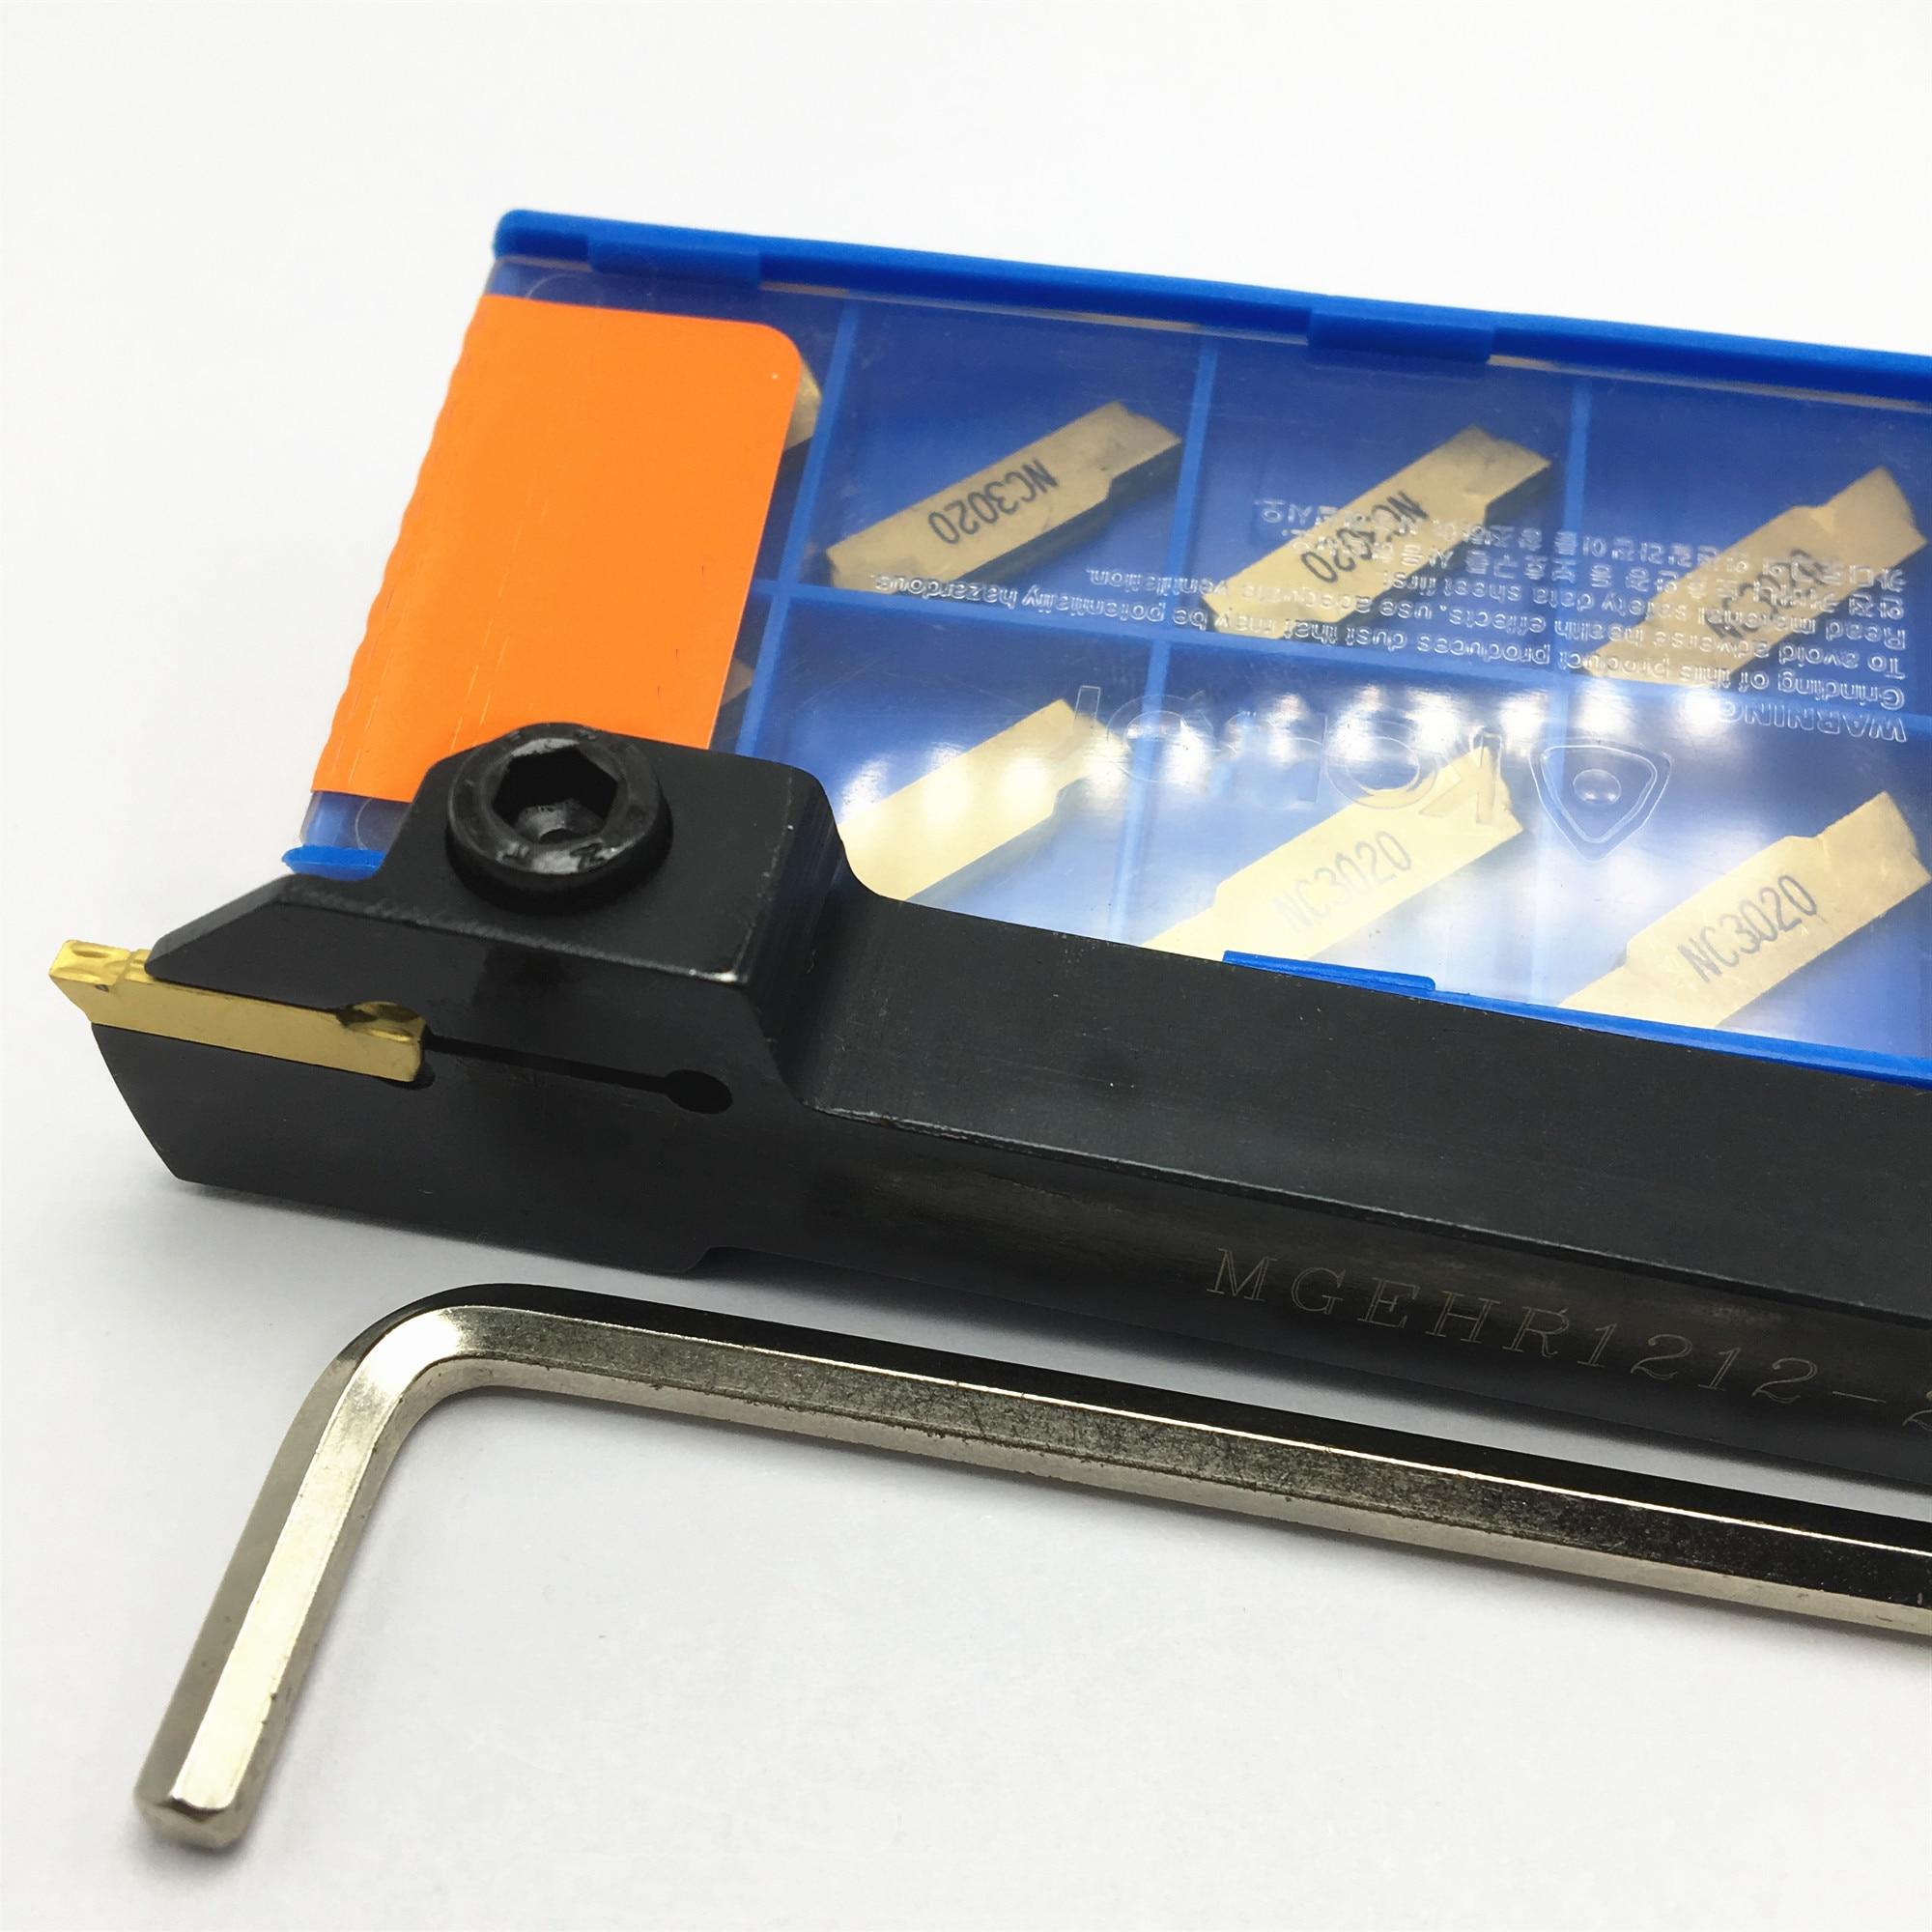 MGEHR1010 MGEHR1212 MGEHR1616 MGEHR2020 MGEHR2525 porte-outil de rainurage externe lame en carbure, outil de tournage de lame de 10 pièces